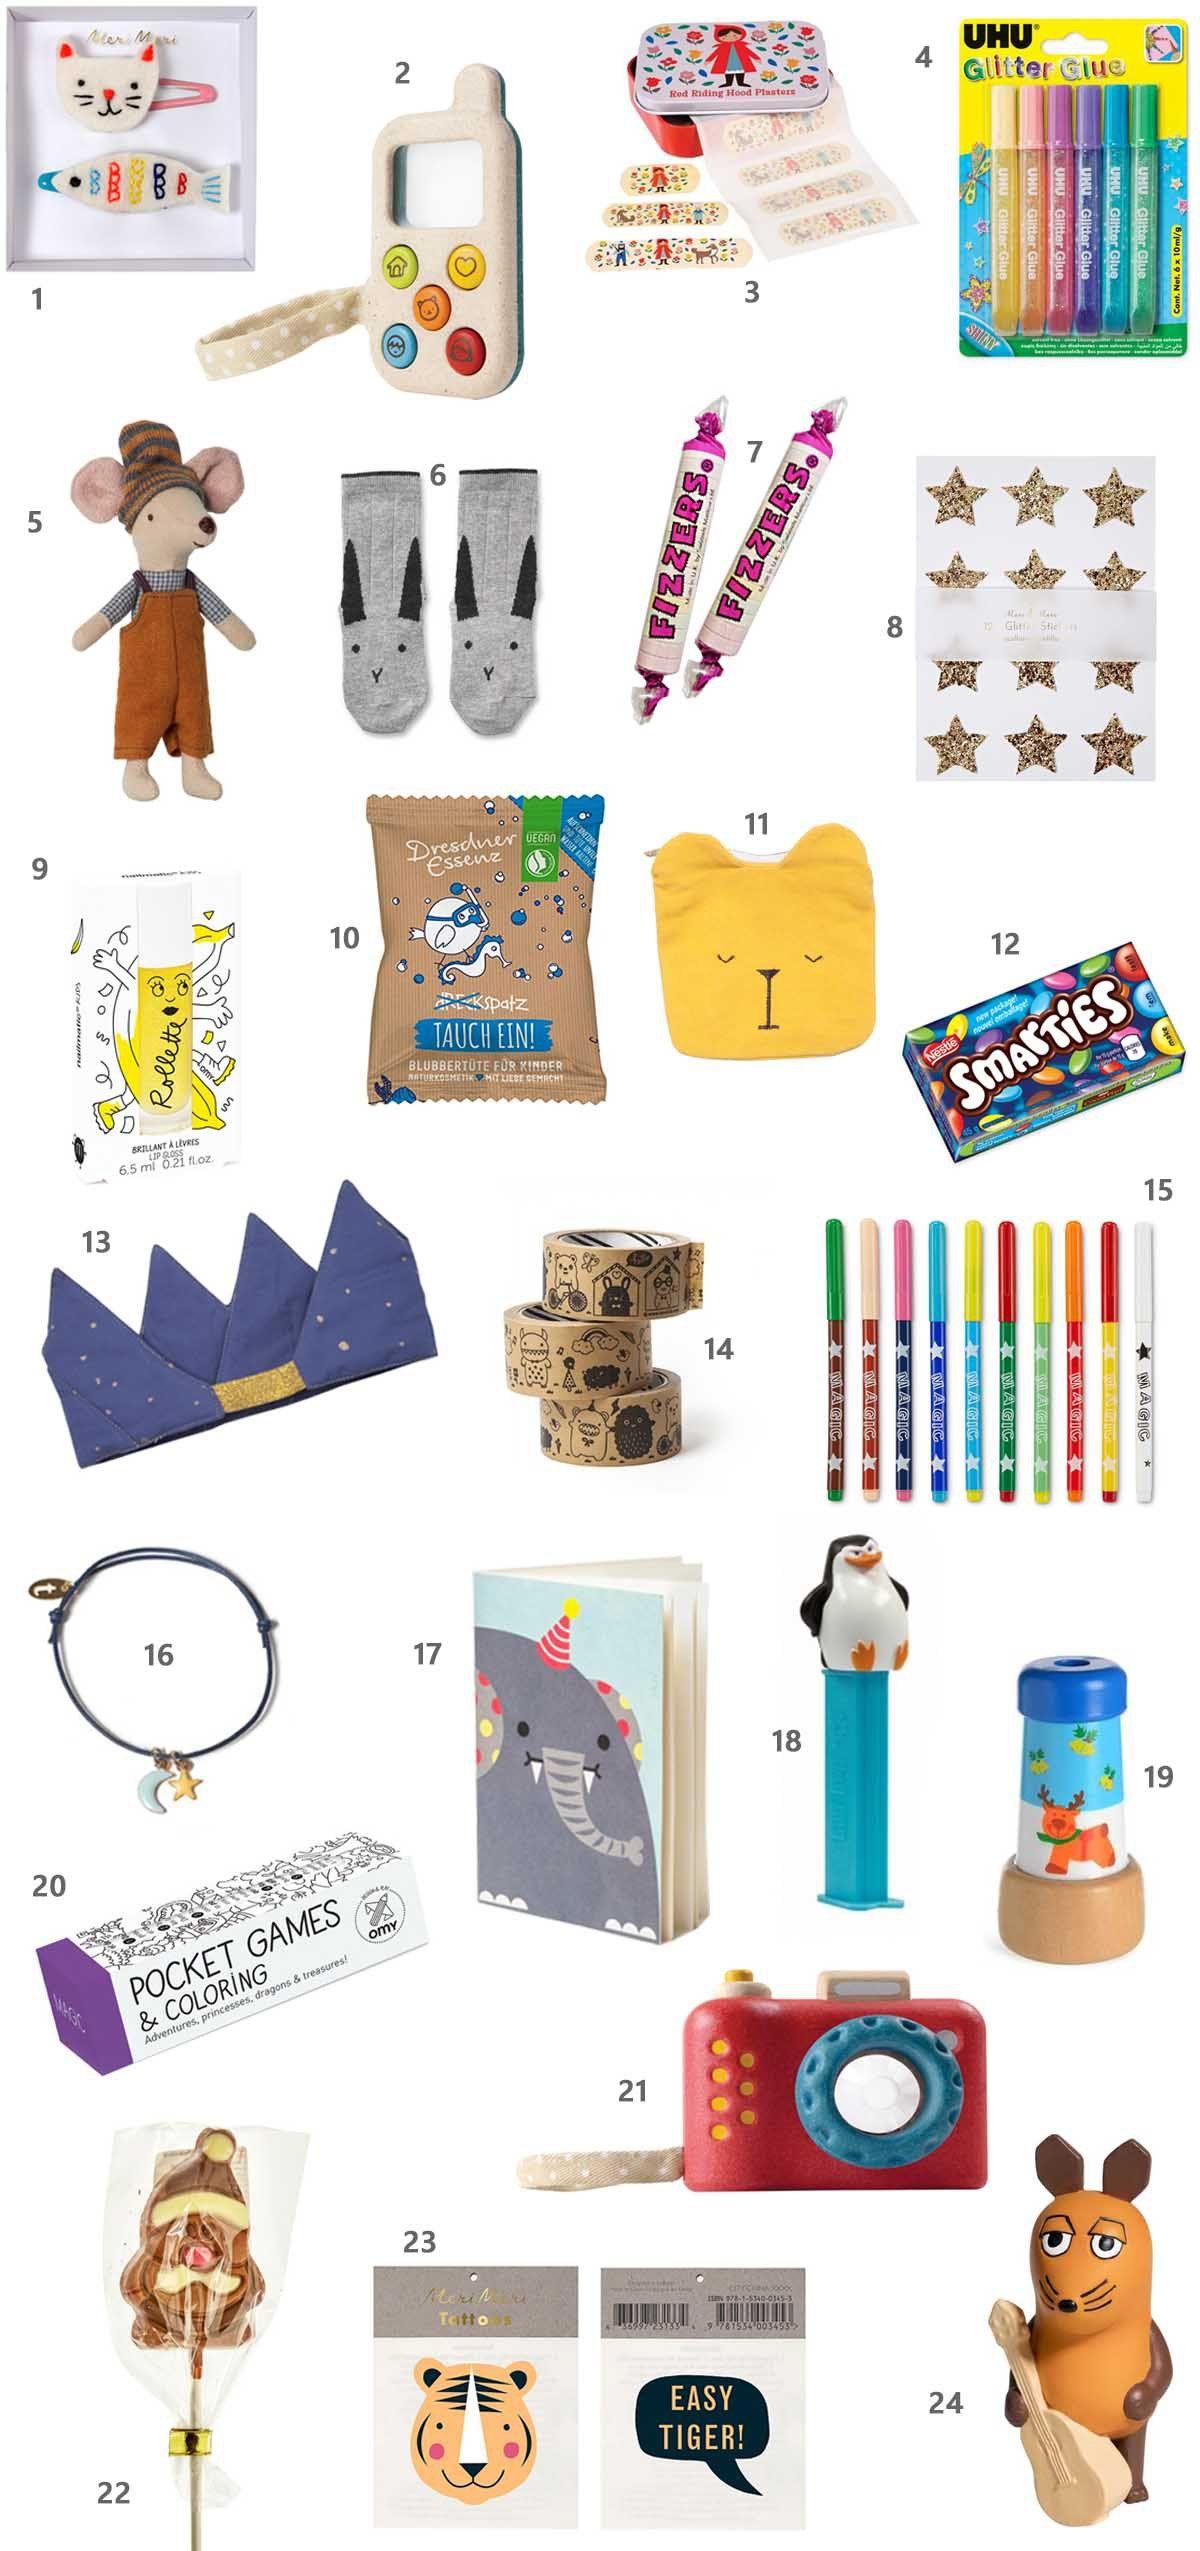 24 Geschenkideen für den Adventskalender | Adventskalender | Pinterest